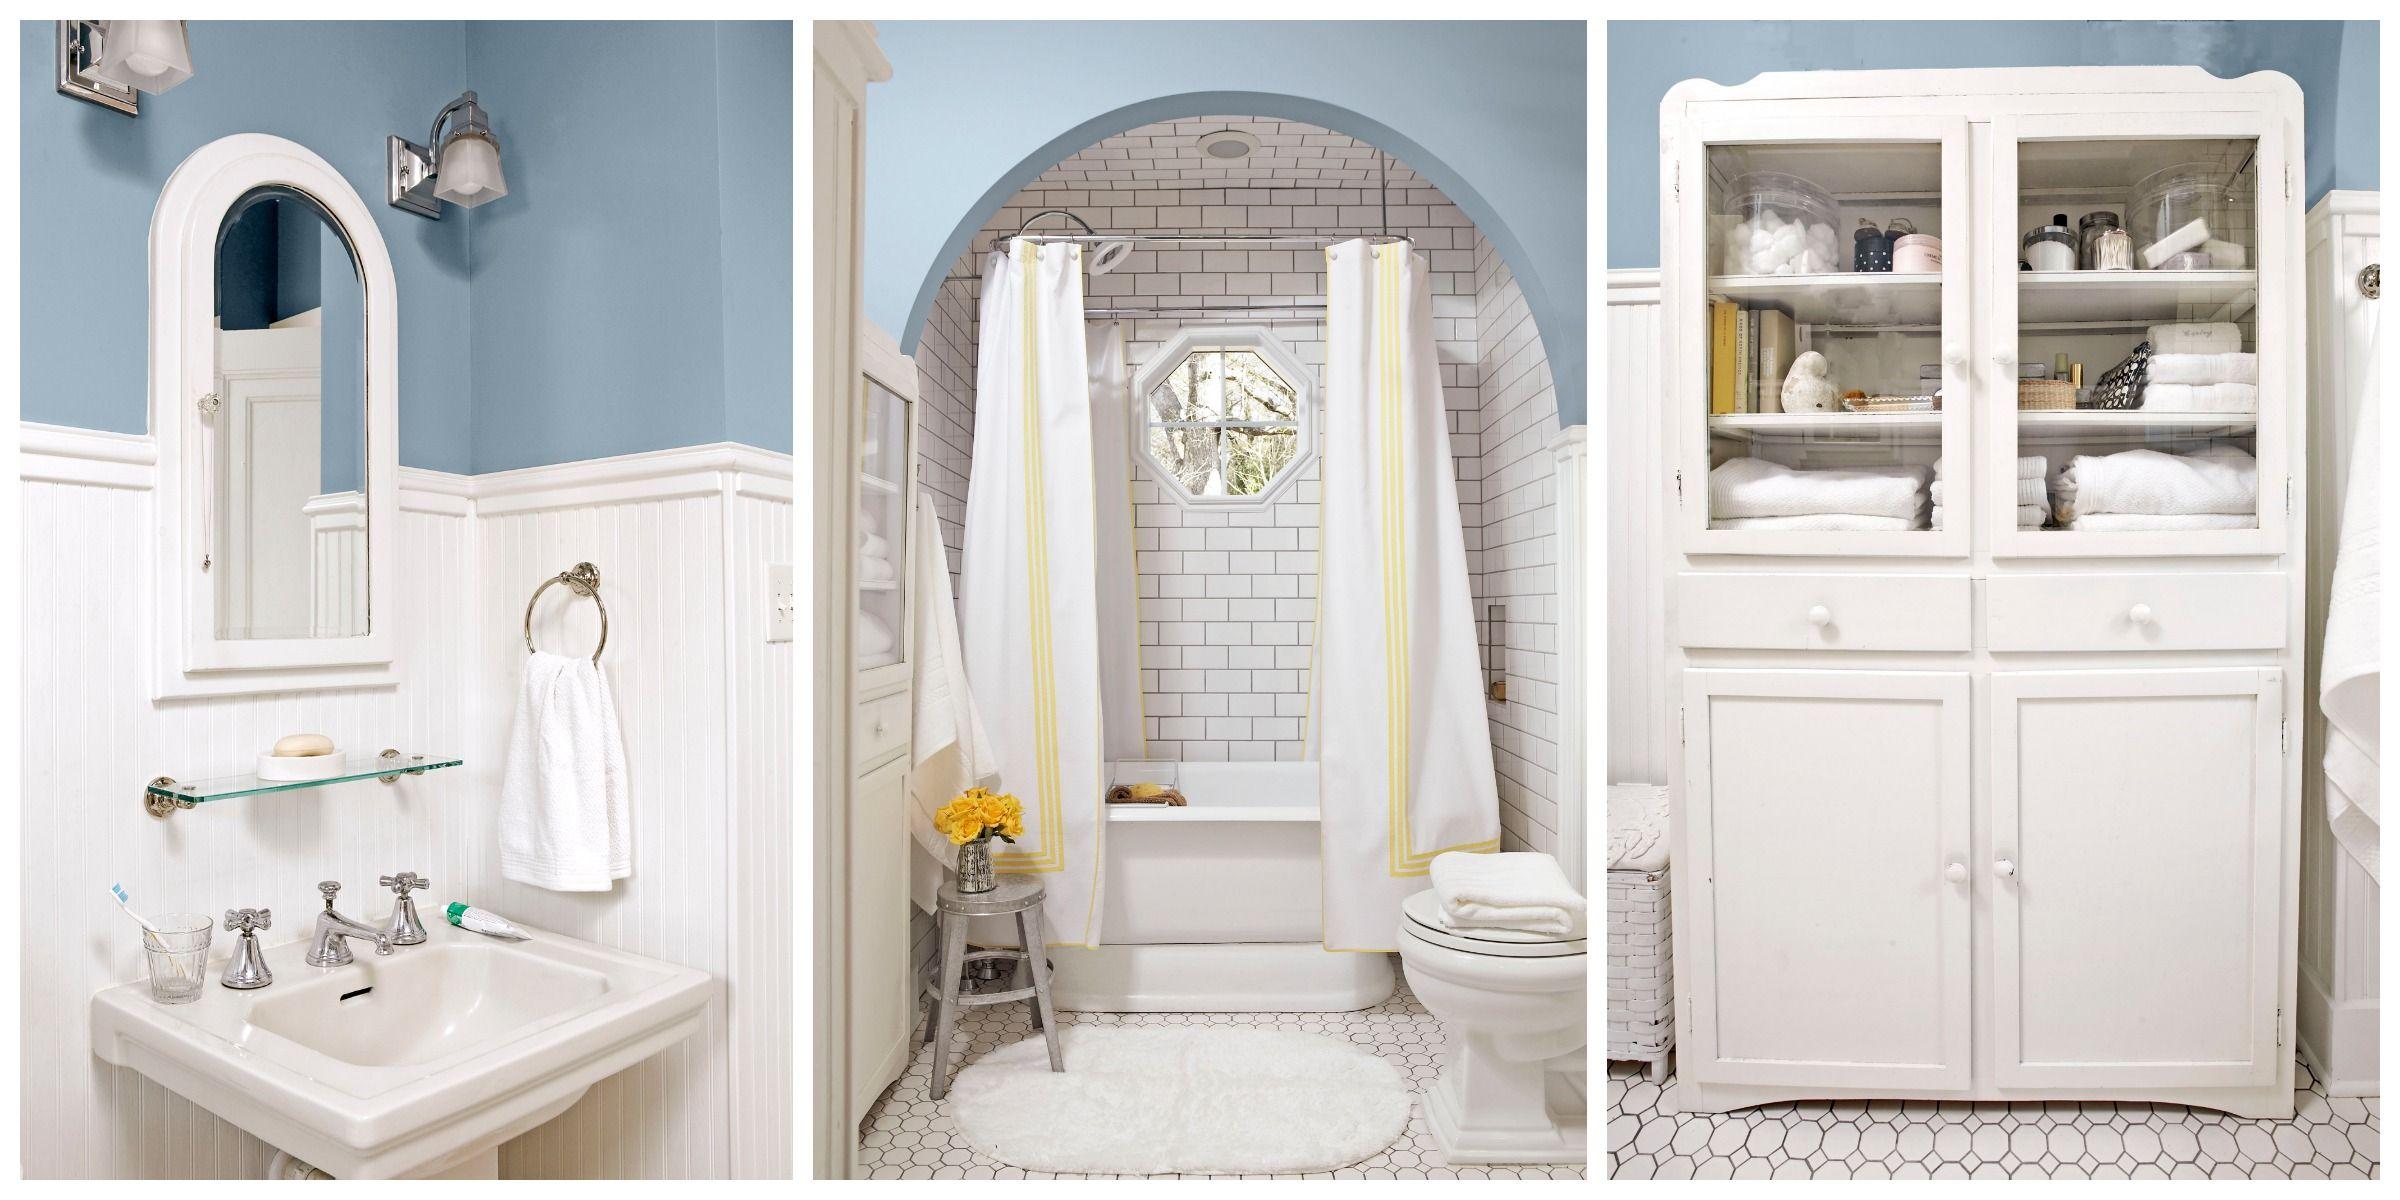 home aw bathrooms birmingham riverside bn remodeling seaside dedicated straight in subway bathroom al gallery window team corona